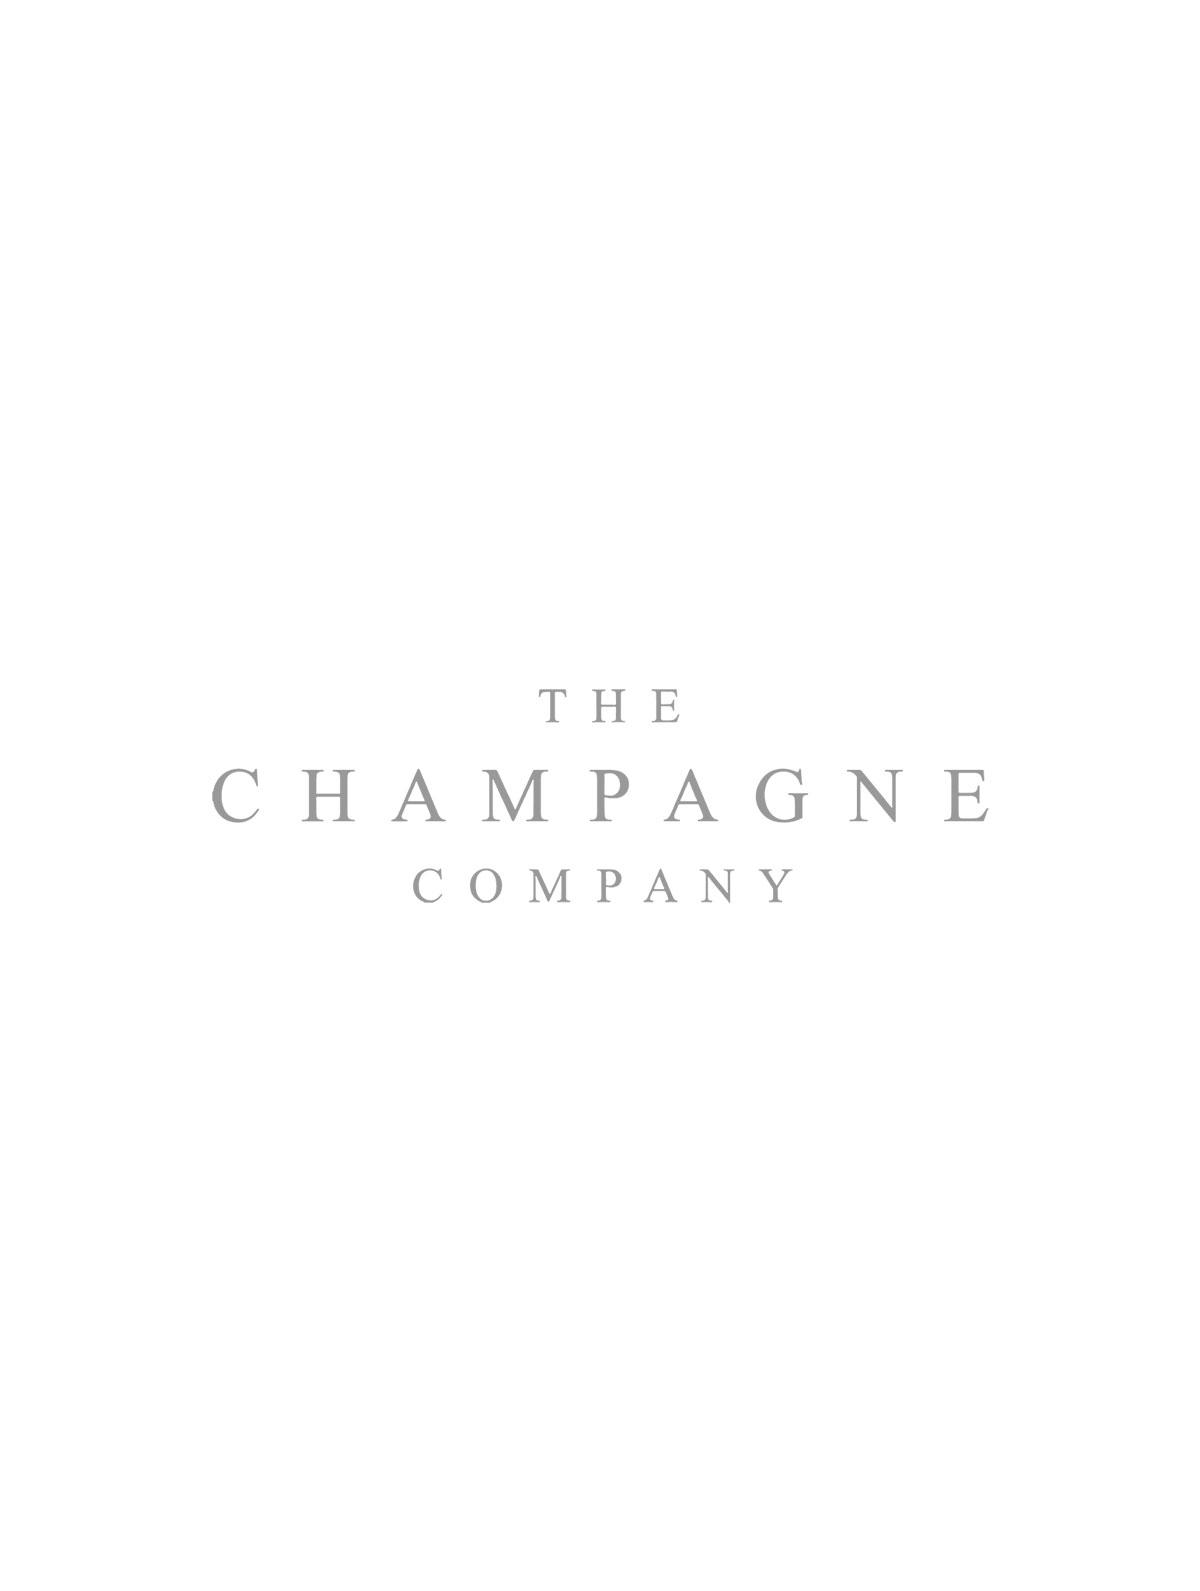 Dom Perignon 1993 Vintage Oenotheque Champagne 75cl